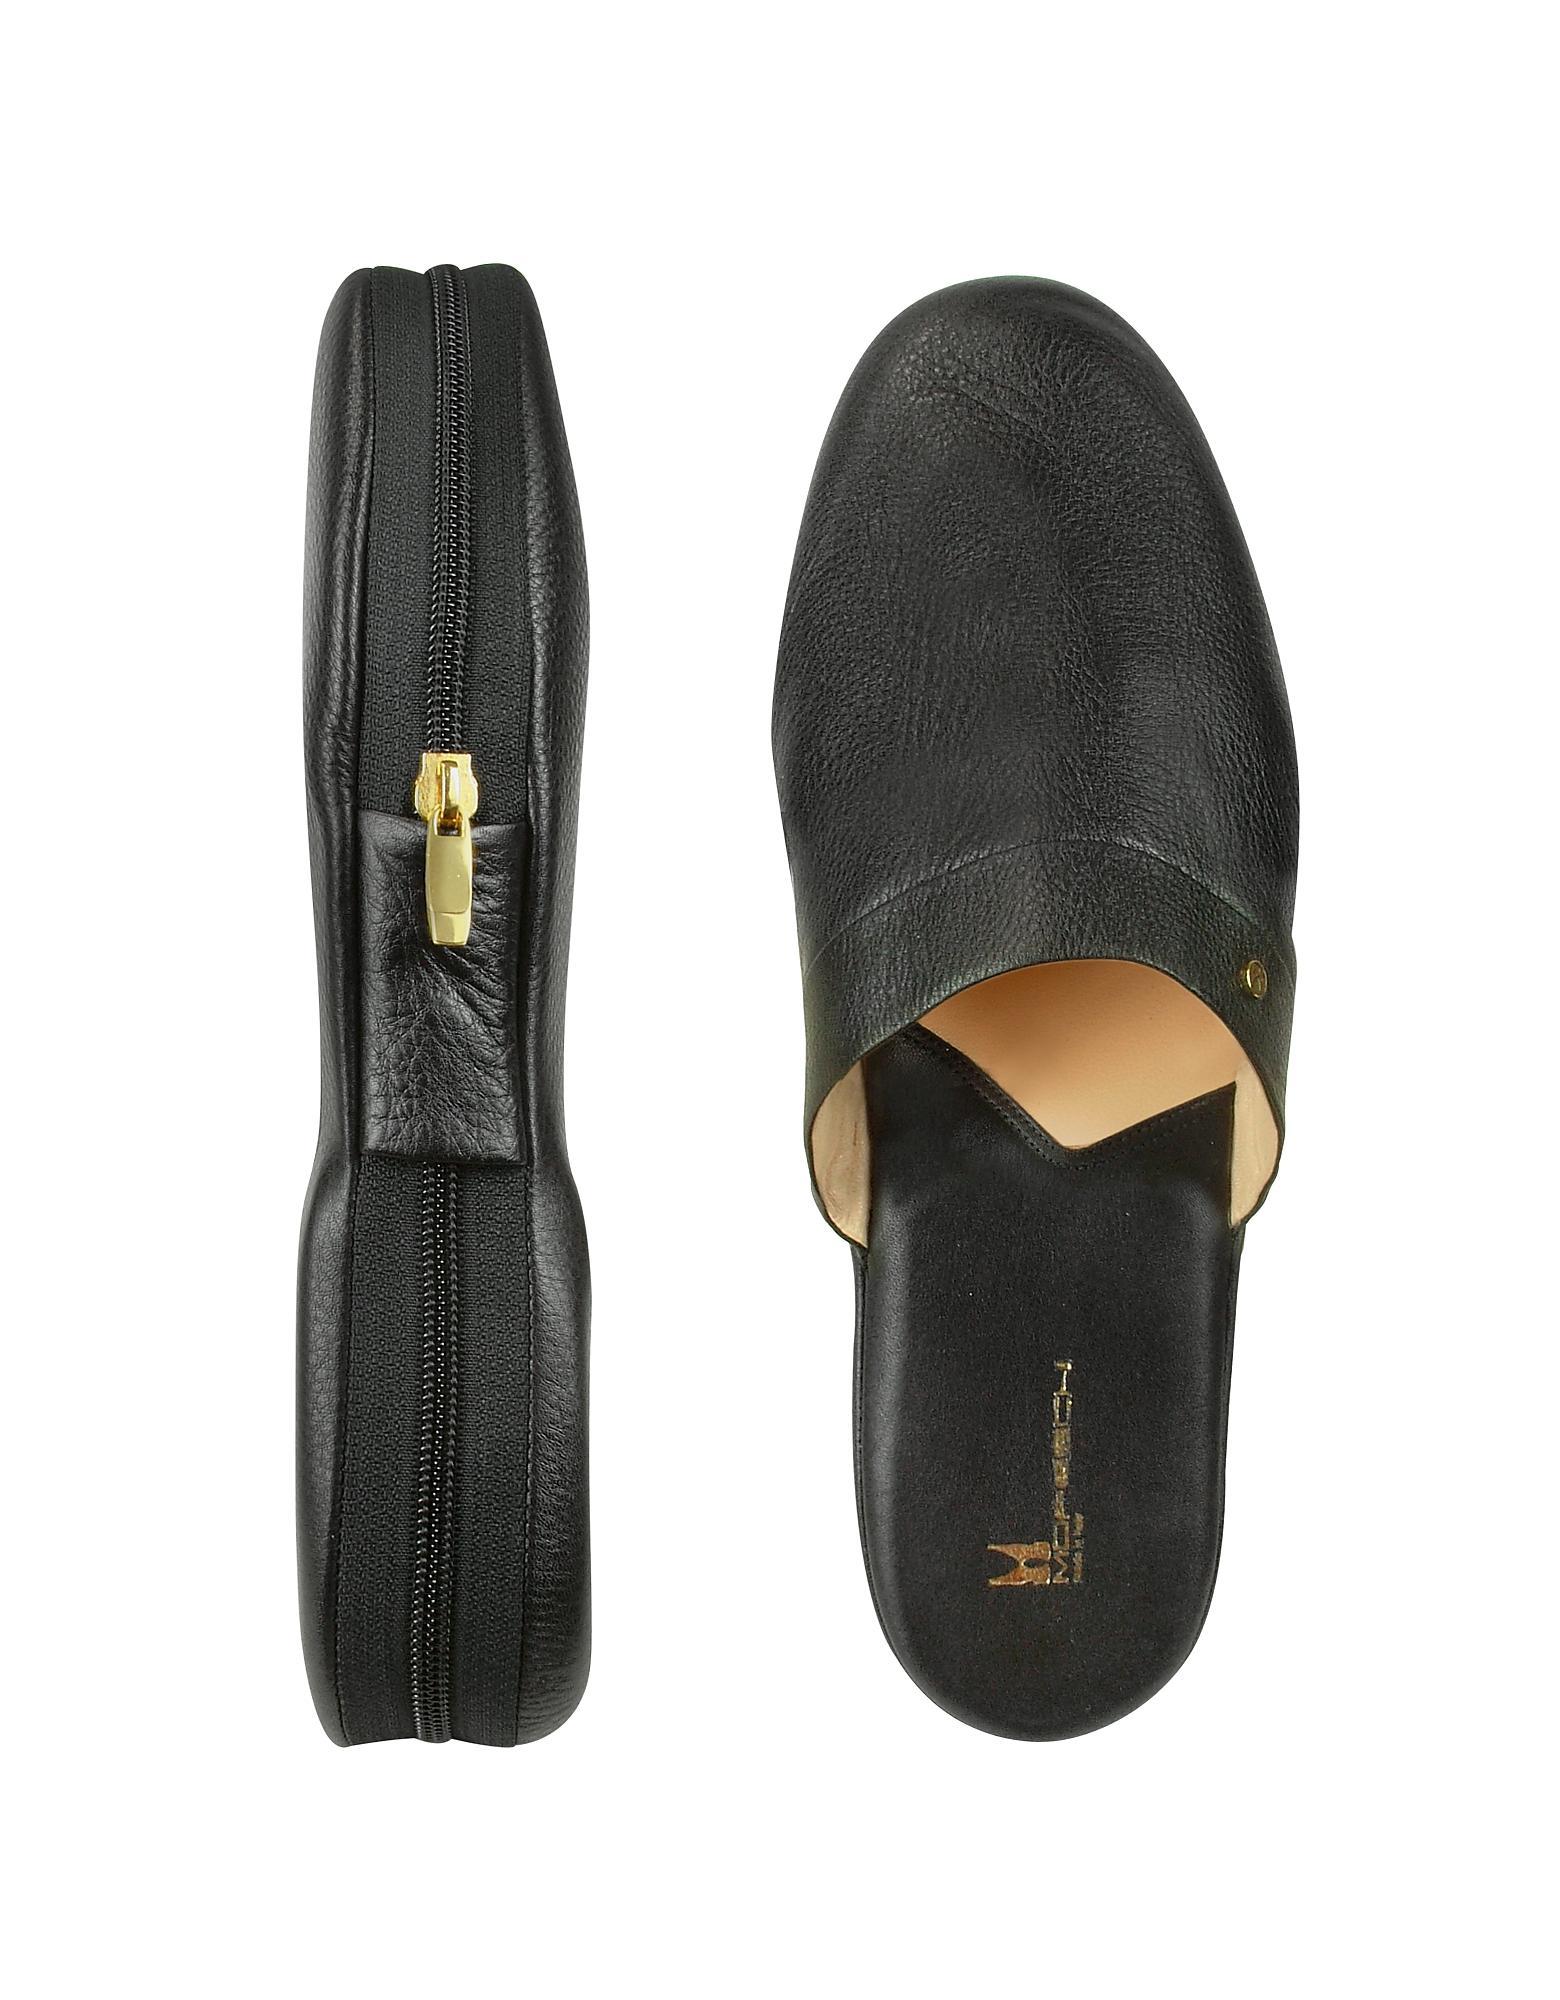 Moreschi Amerigo Black Calf Leather Travel Slippers W